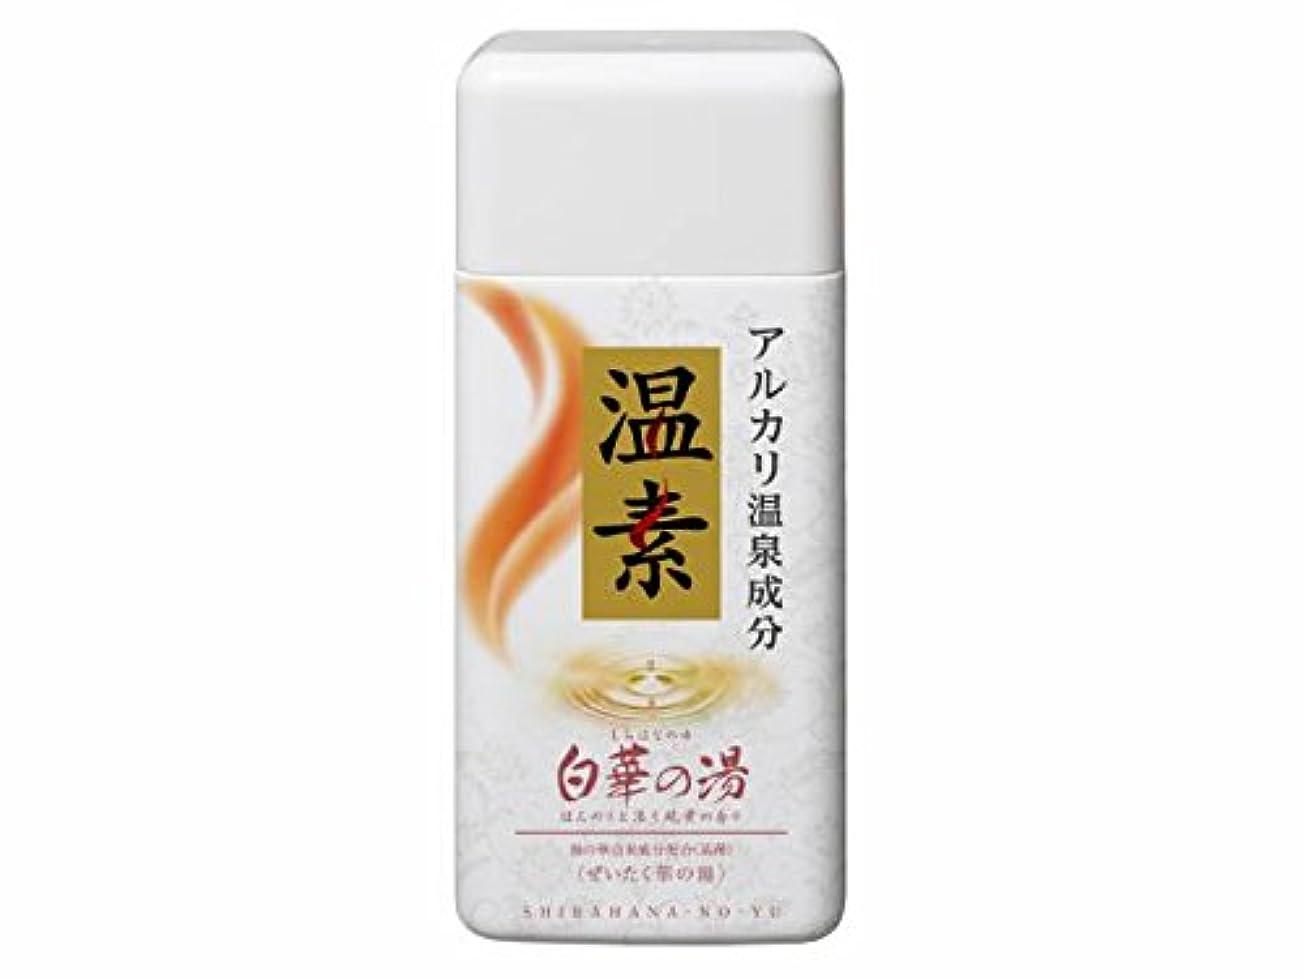 お風呂を持っているフォーマル不可能なアース製薬 温素 白華の湯 600g×16点セット  医薬部外品 白く輝くなめらかな「硫黄の湯」の極上の湯ざわりを追求した入浴剤